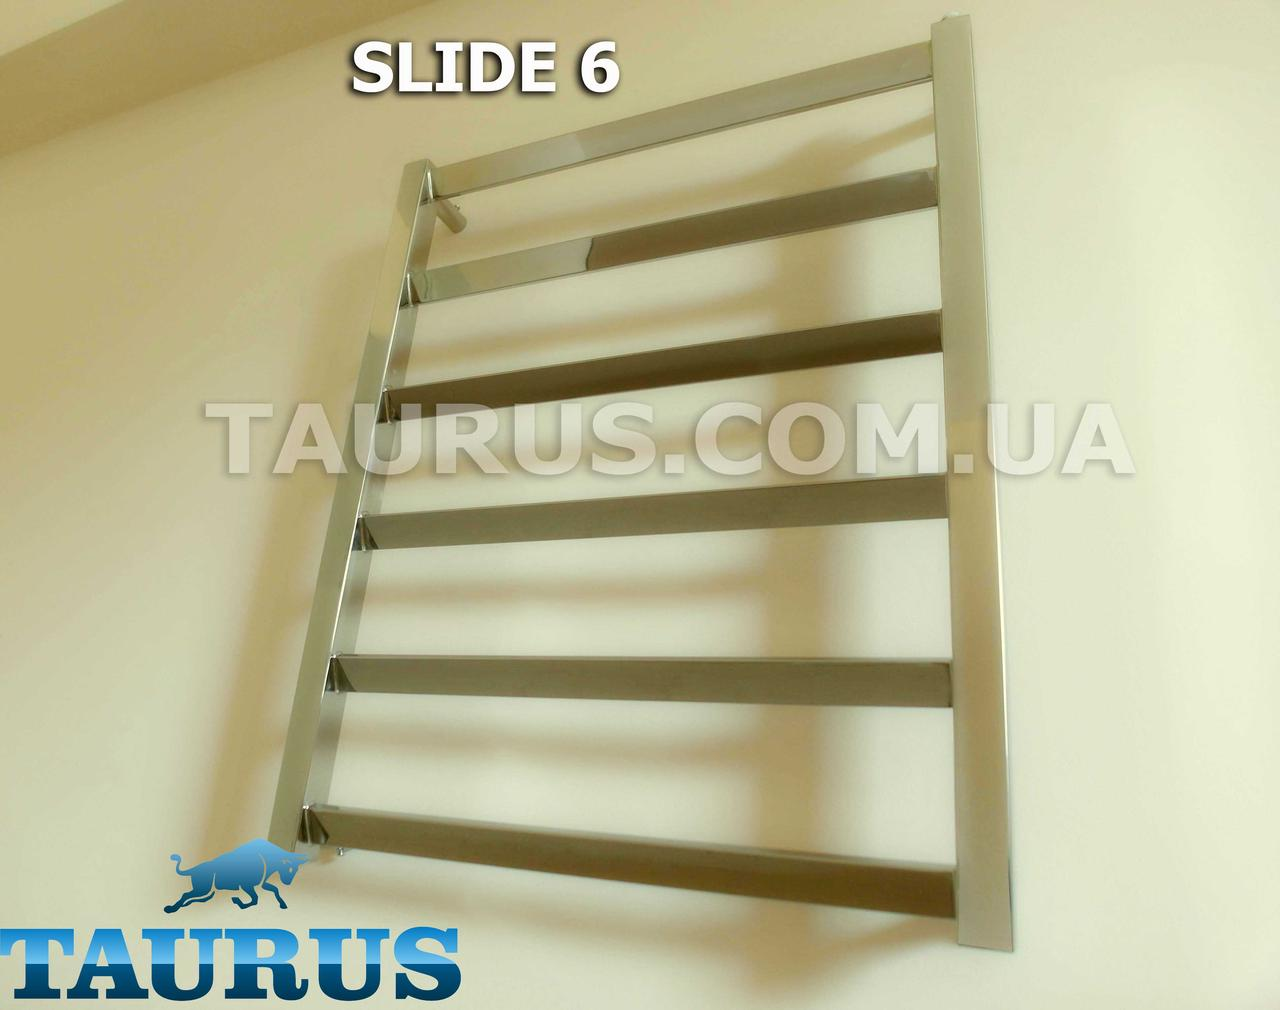 Небольшой комбинированный полотенцесушитель Slide 6/450мм. из н/ж стали - специальные перекладины под углом 30